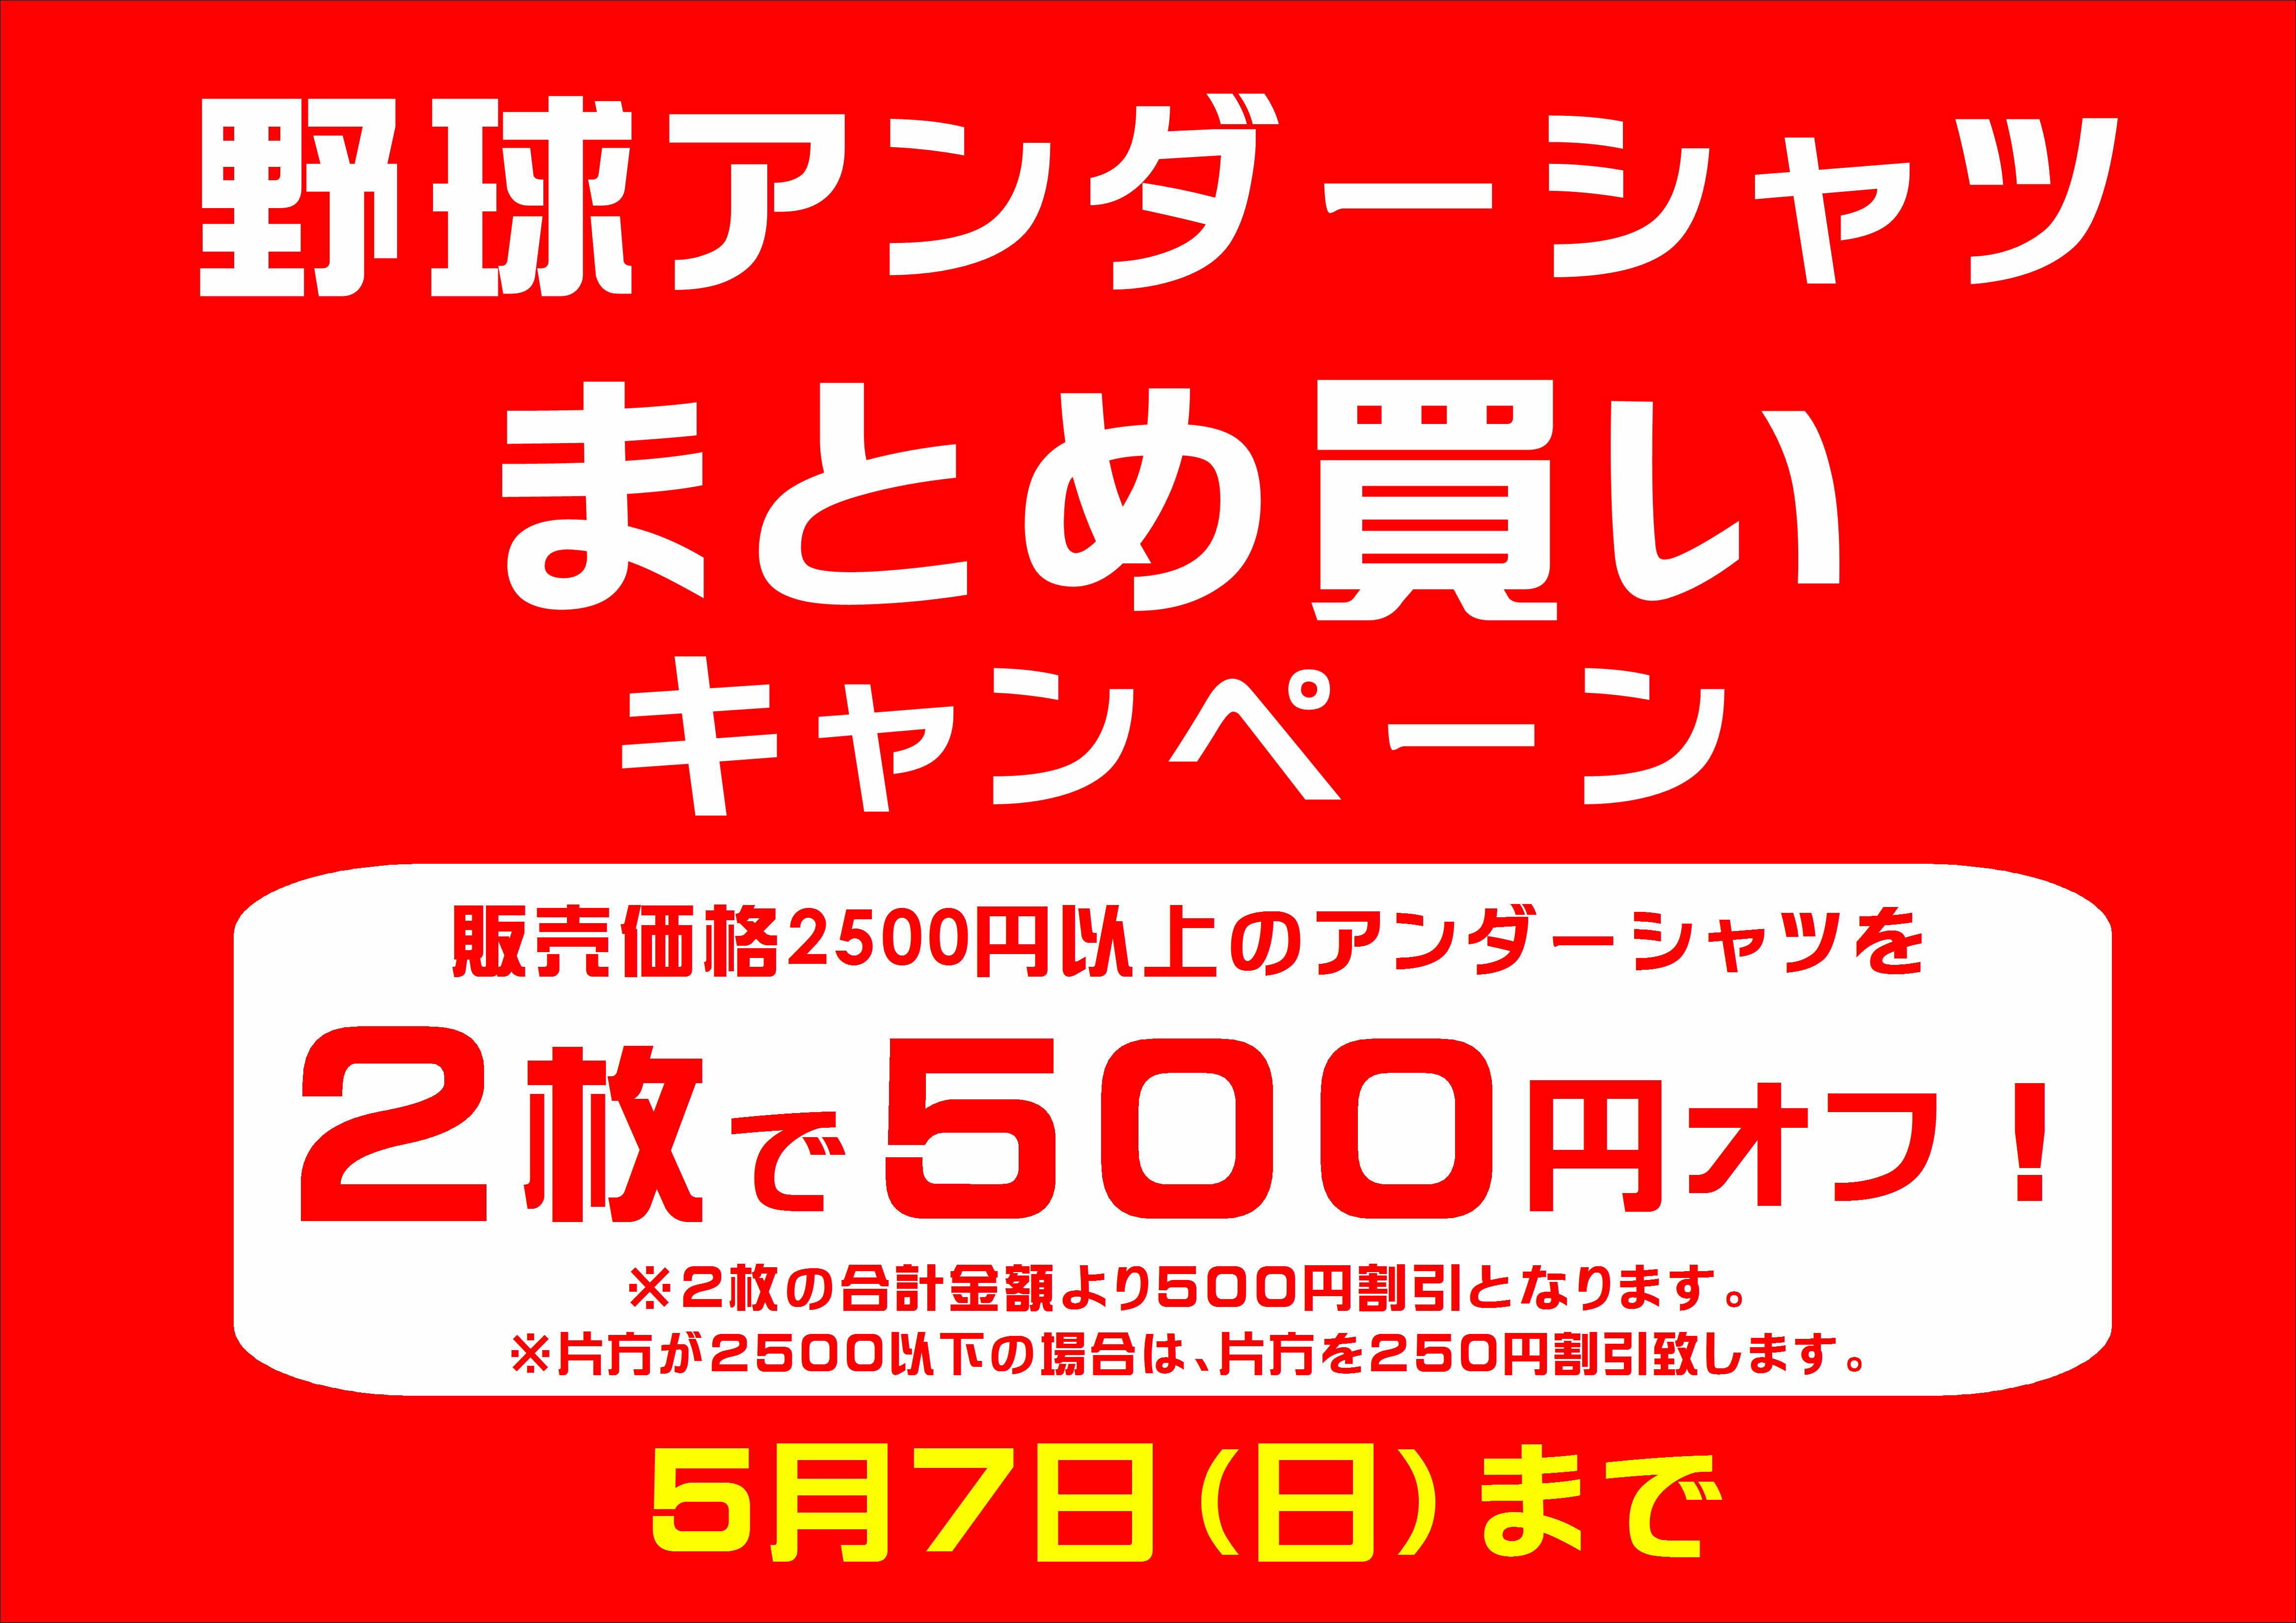 http://www.playsports.jp/news/images/%E3%81%BE%E3%81%A8%E3%82%81%E8%B2%B7%E3%81%84.JPEG